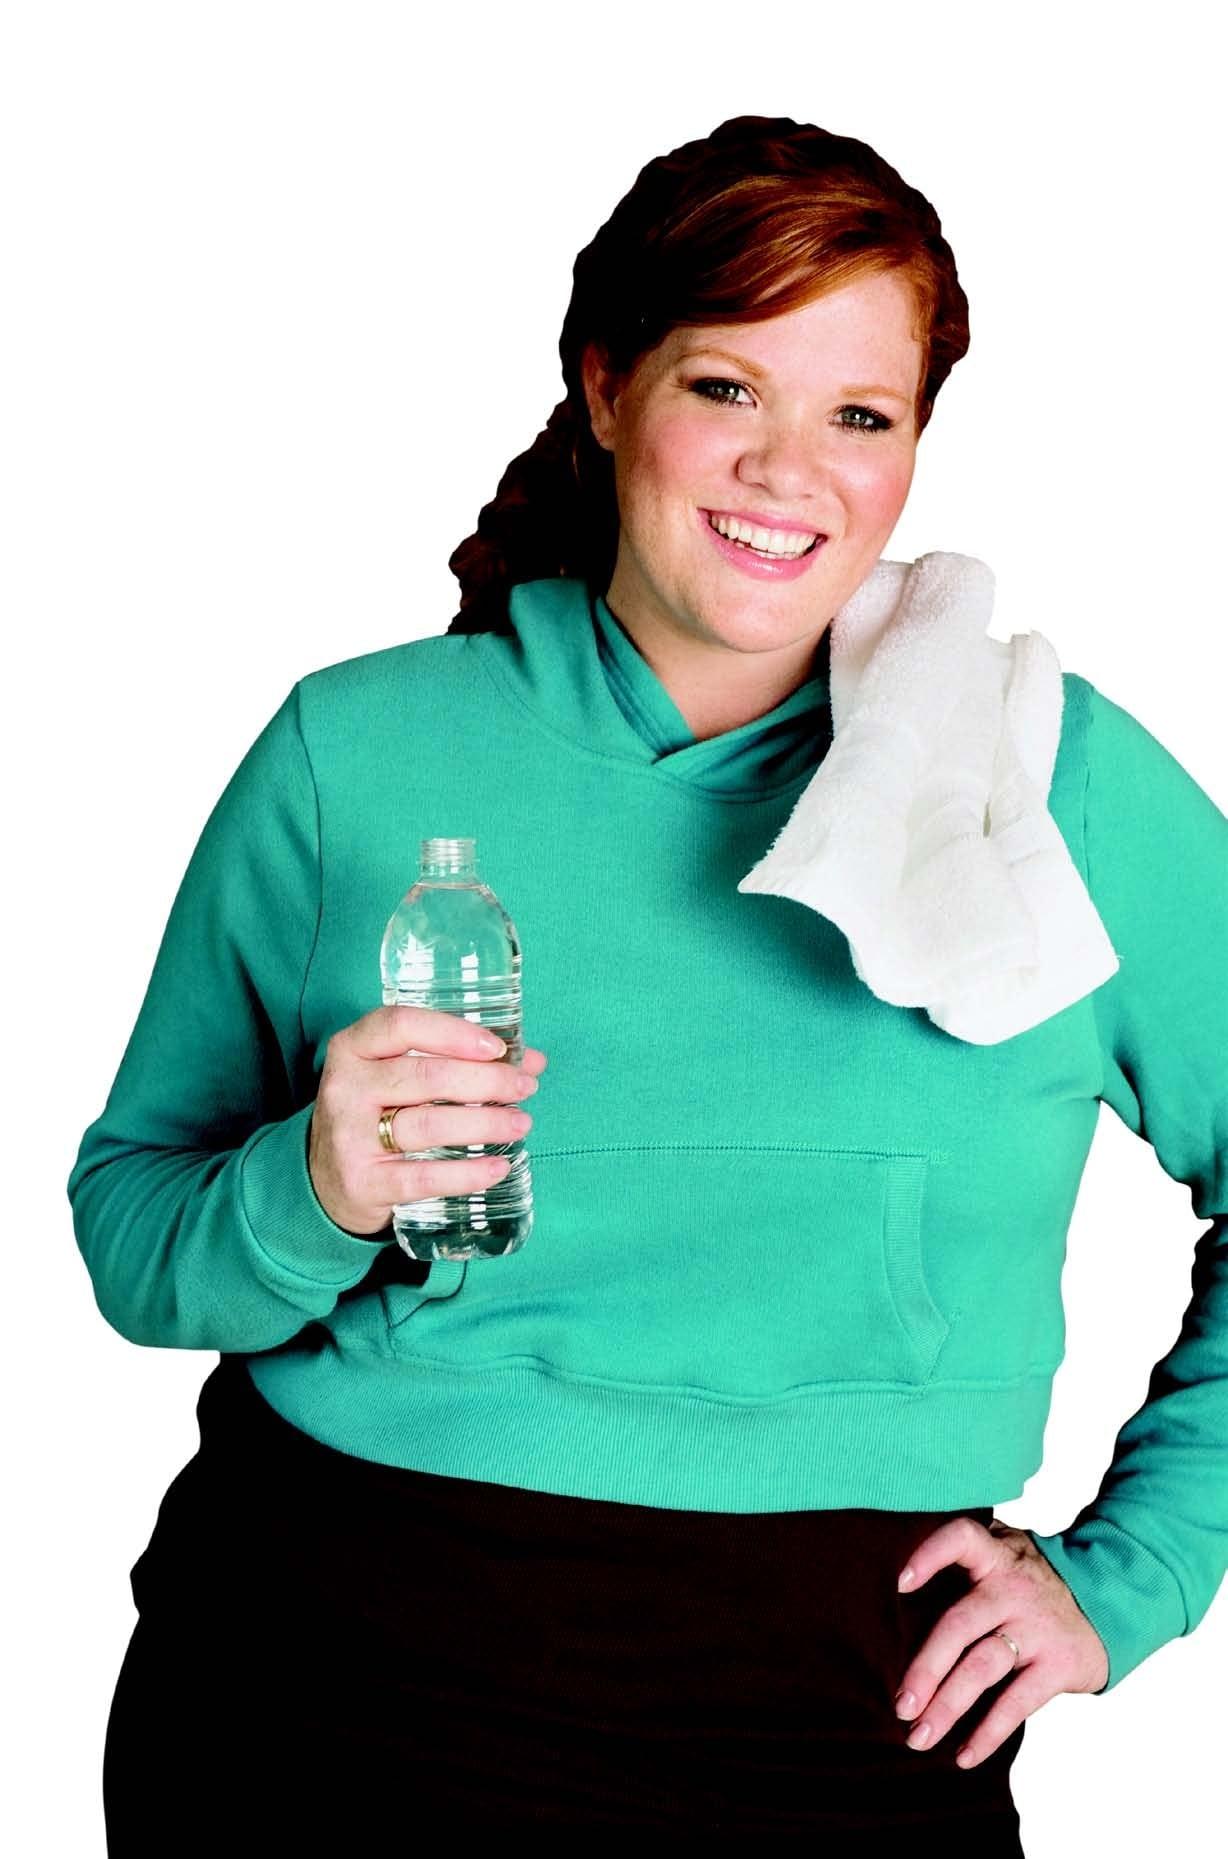 Woman water bottle